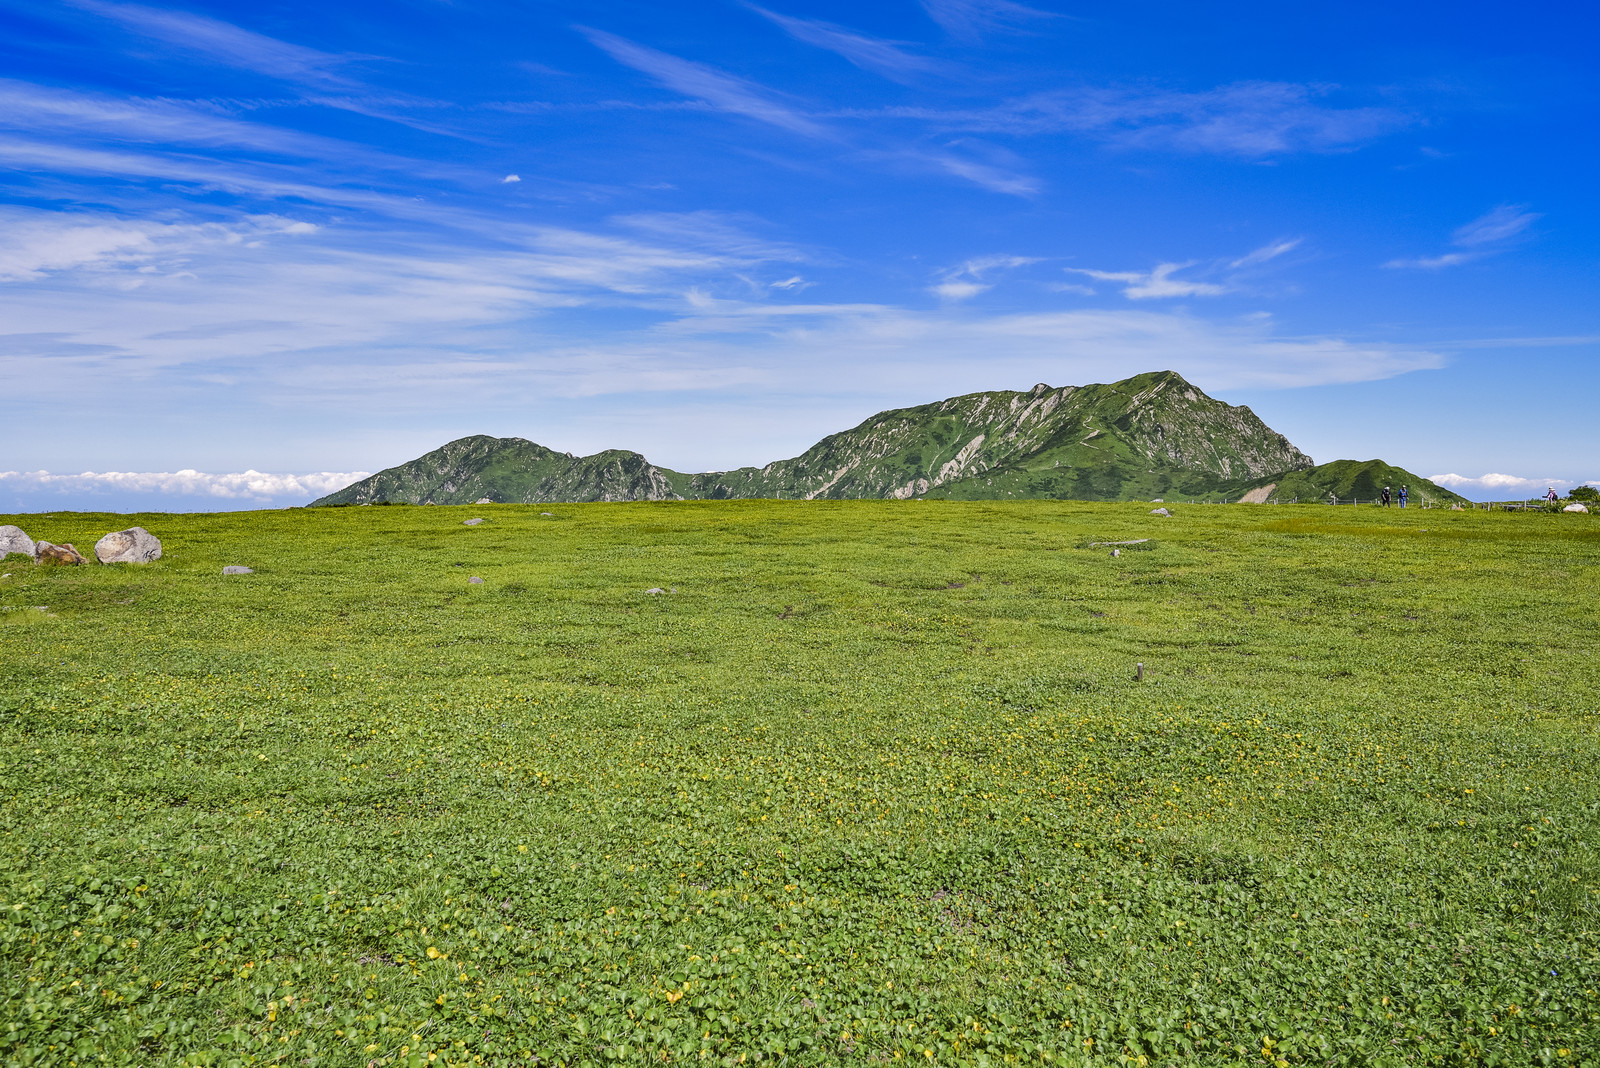 草原と山々の写真